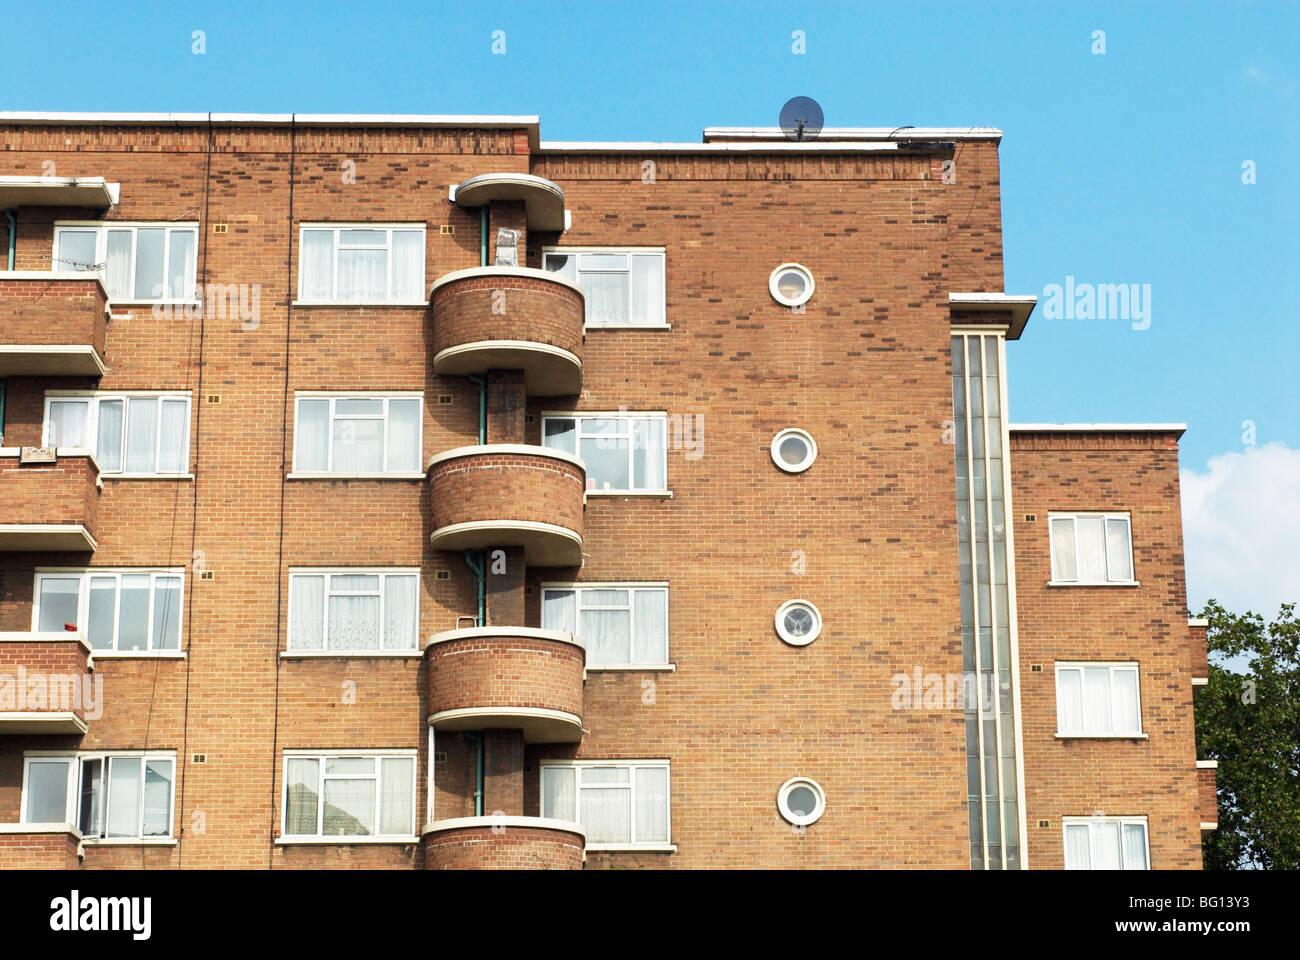 1930 de estilo art-deco bloque de viviendas. Whitechapel, East London, Reino Unido Foto de stock